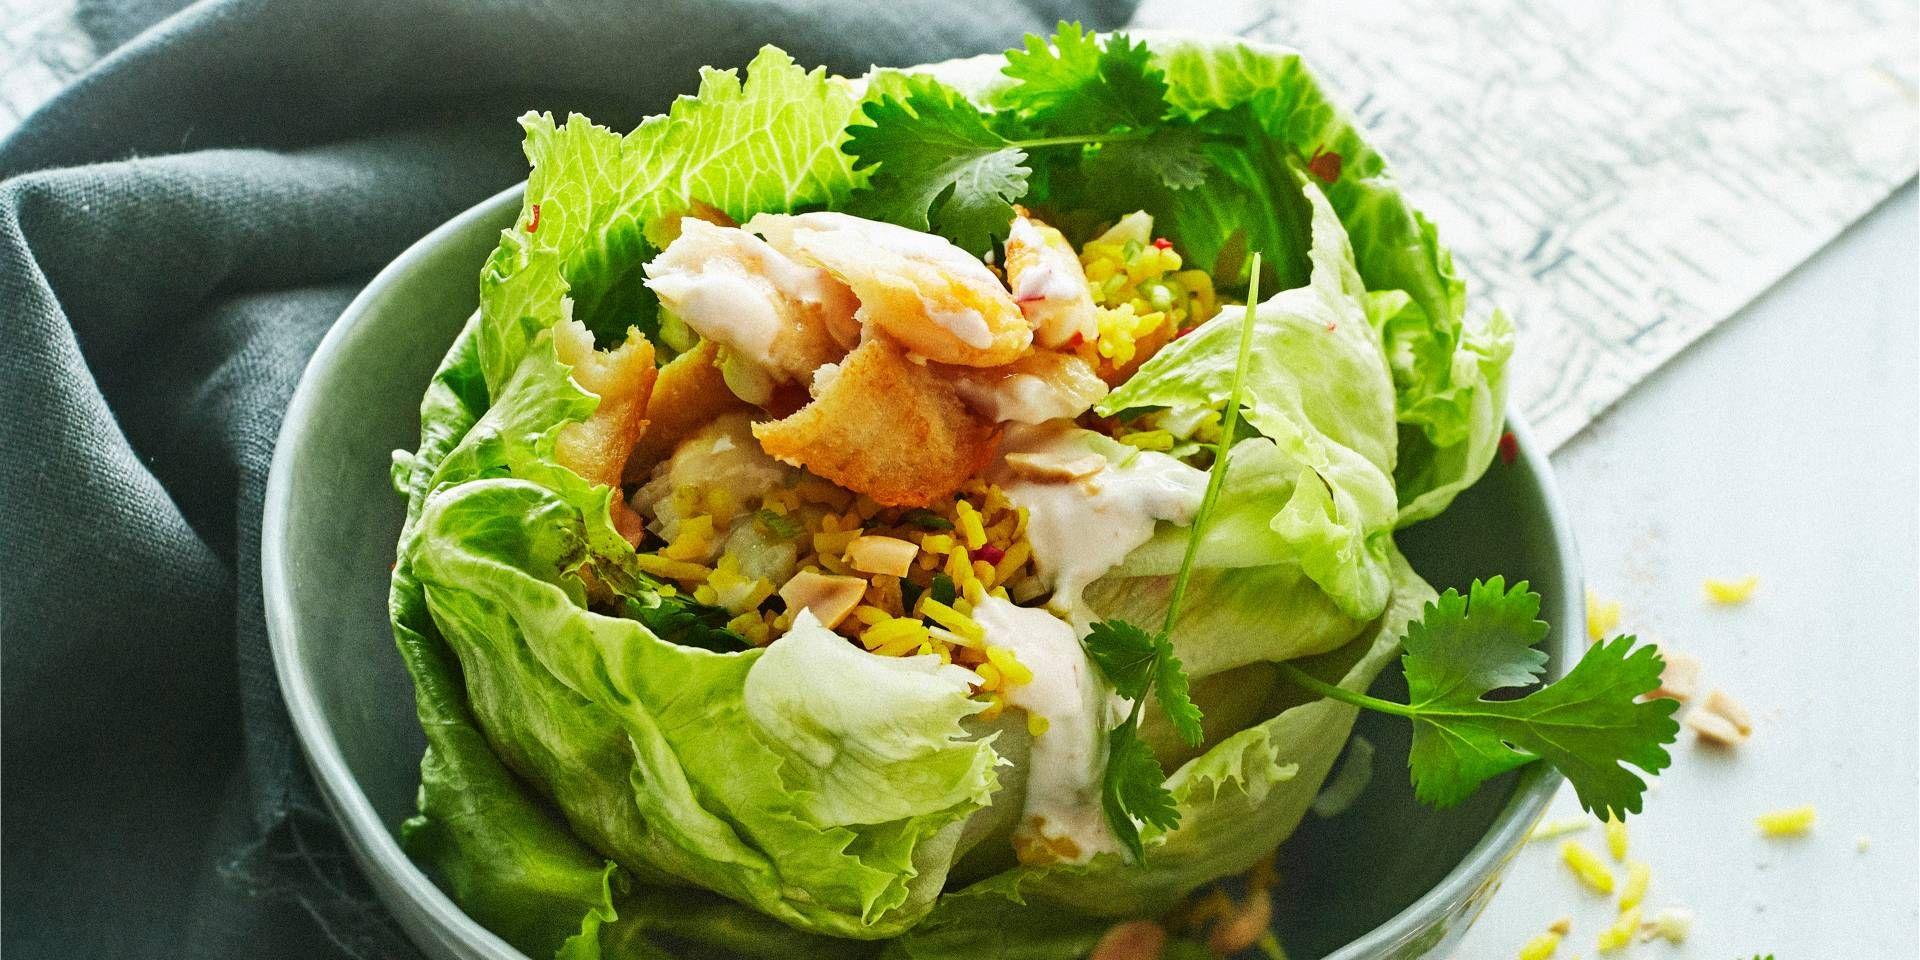 Boodschappen - Slakommetjes met pikante rijst en pulled pangasius